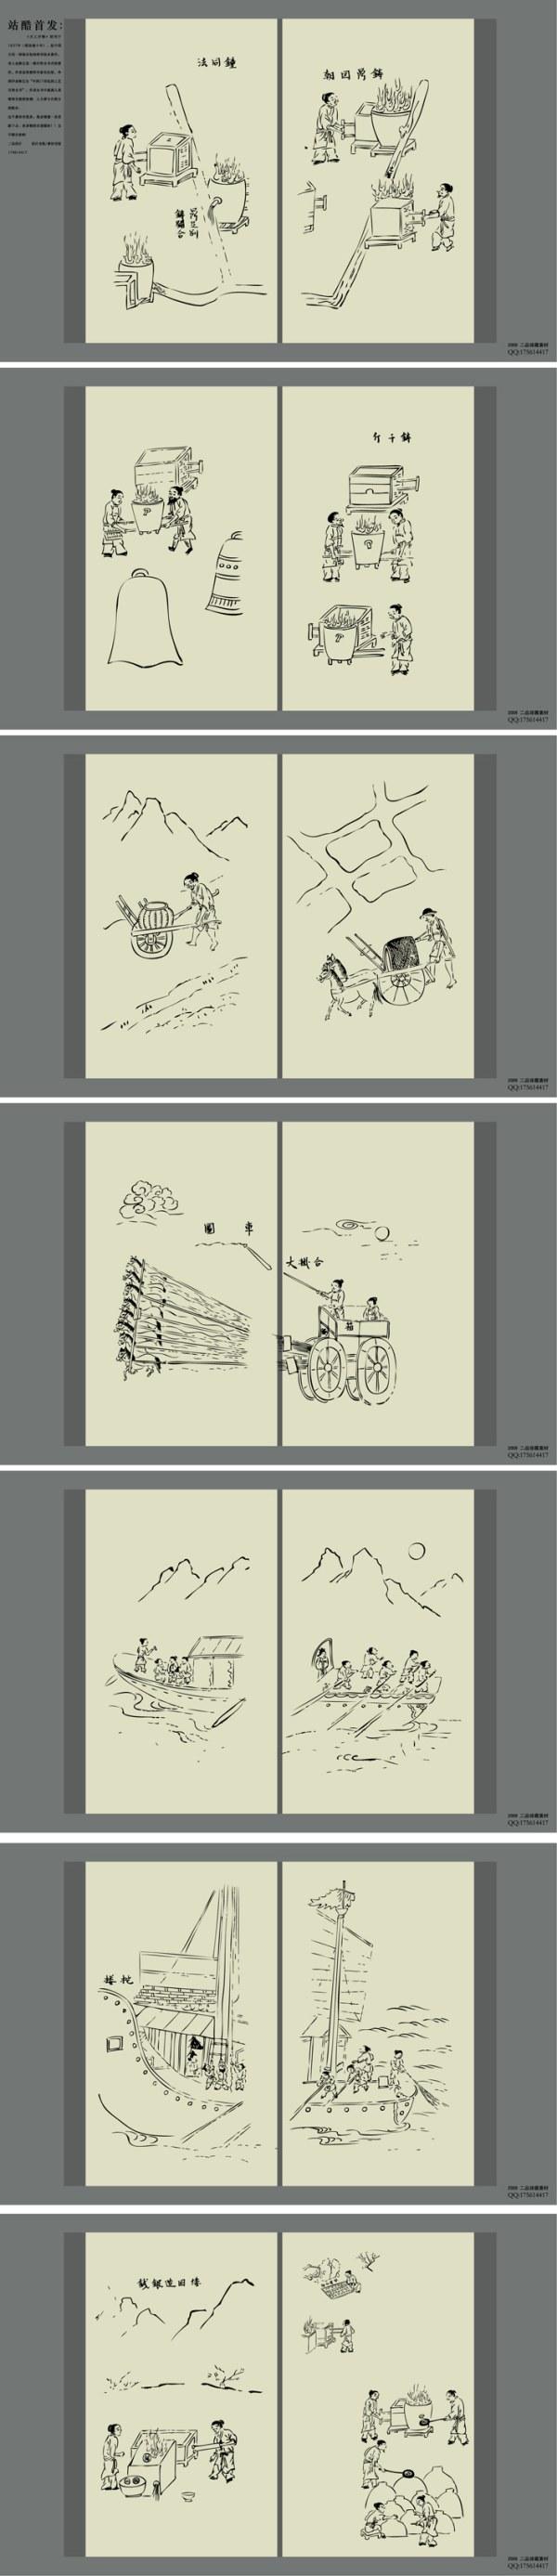 天作品コレクション ベクター素材 (8)